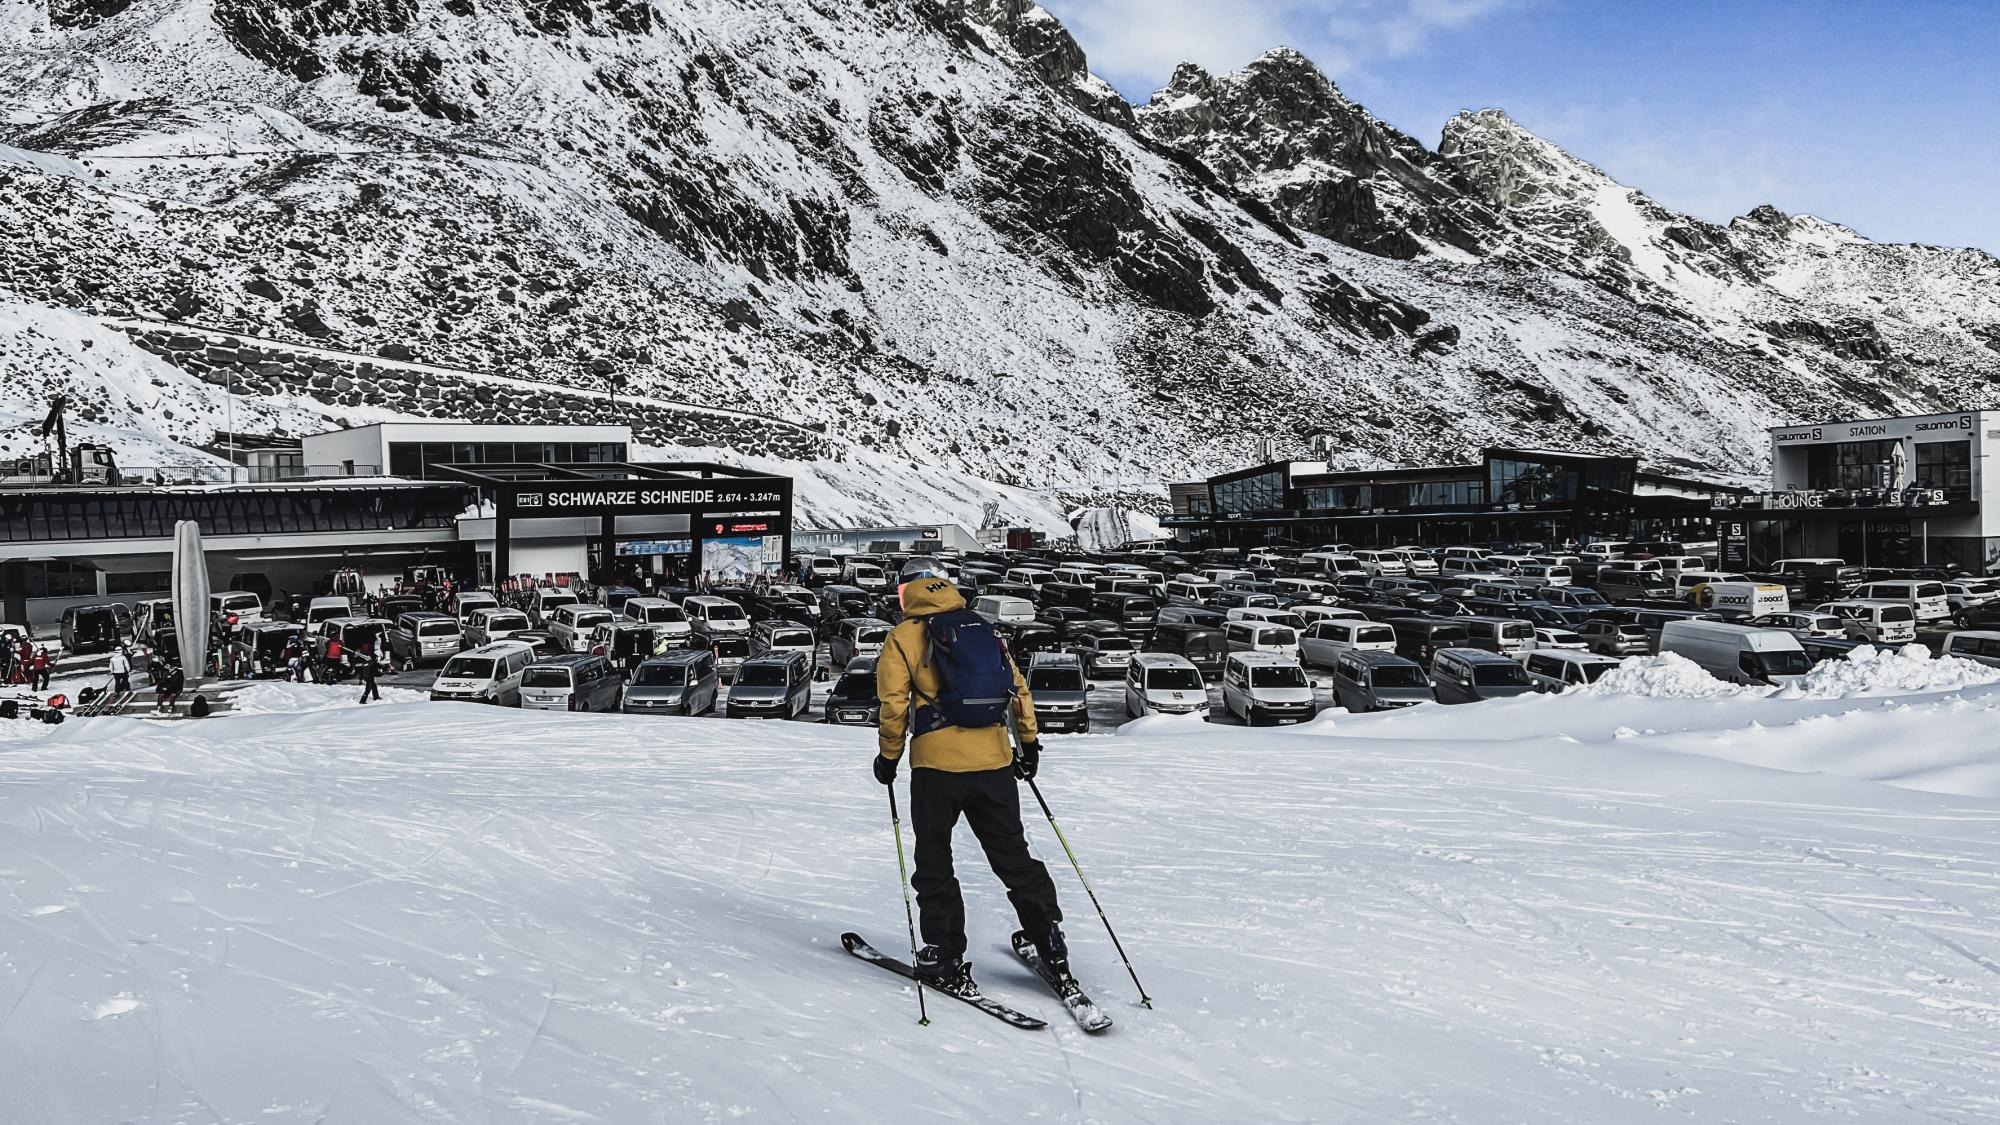 Im Herbst ist der Parkplatz am Rettenbachgletscher zu 90% von Skiteam-Bussen belegt